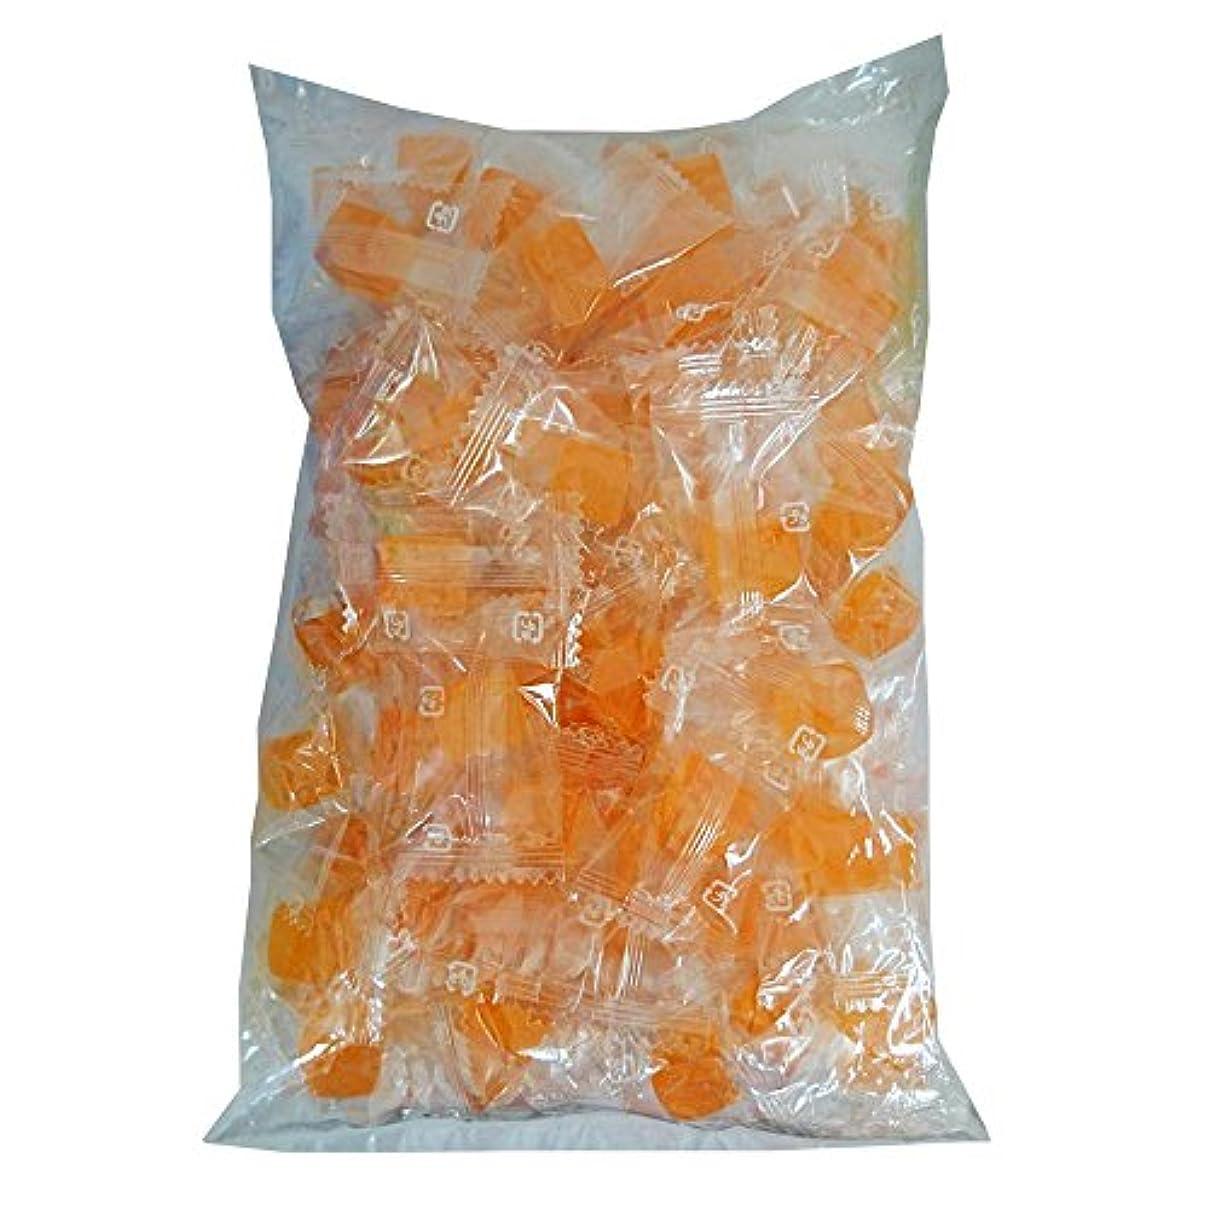 広告これらストリームみかんキシリトールグミ大袋100粒入